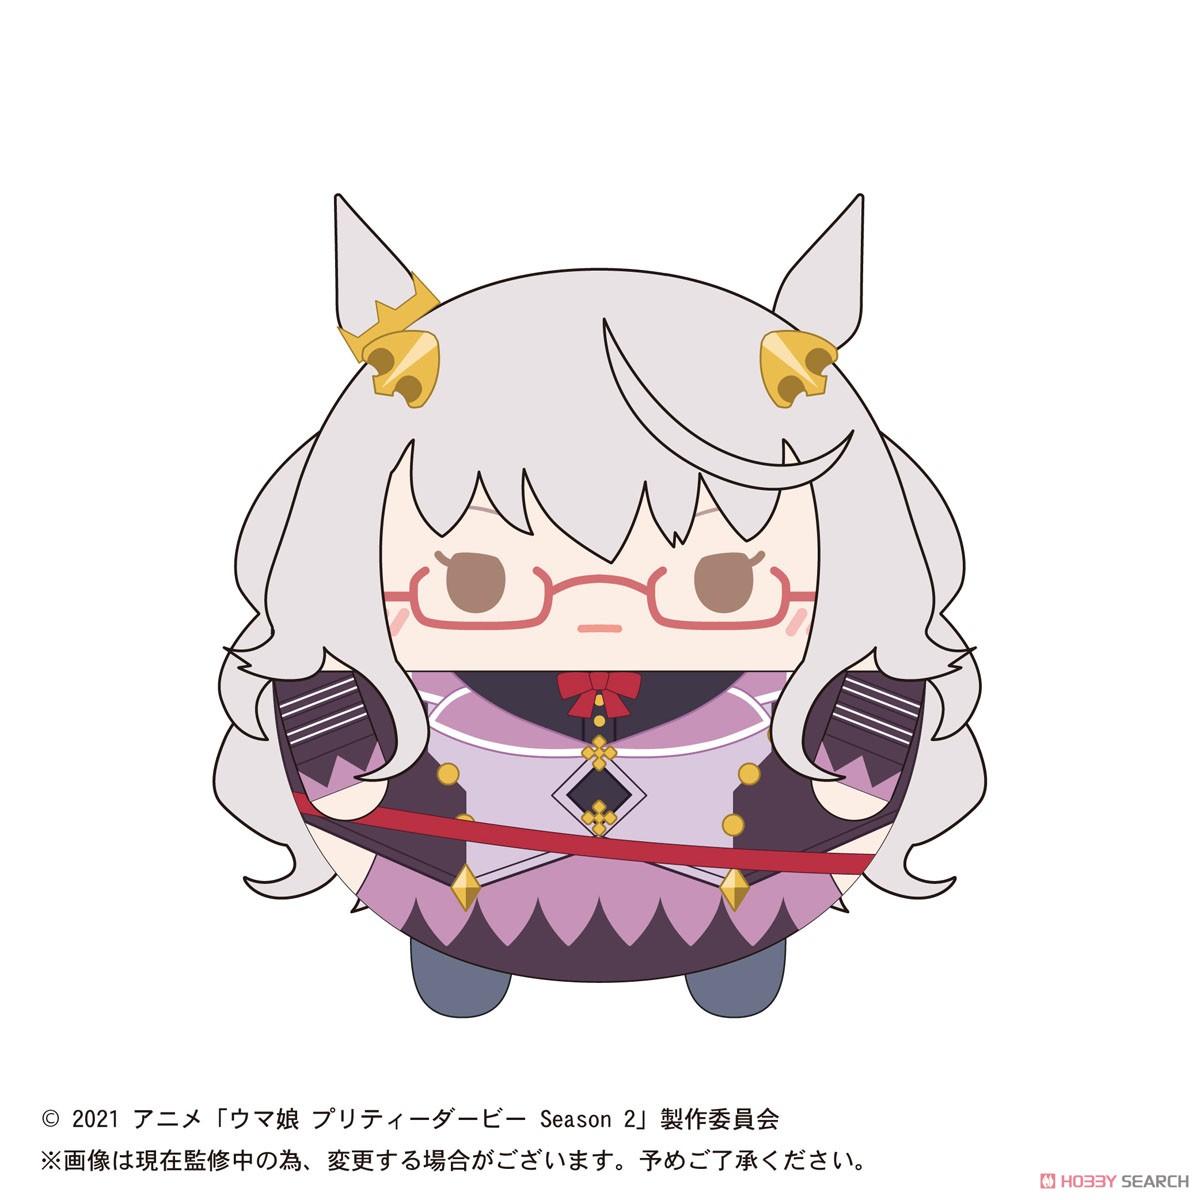 ウマ娘『TVアニメ ウマ娘 プリティーダービー Season2 ふわコロりん』8個入りBOX-015